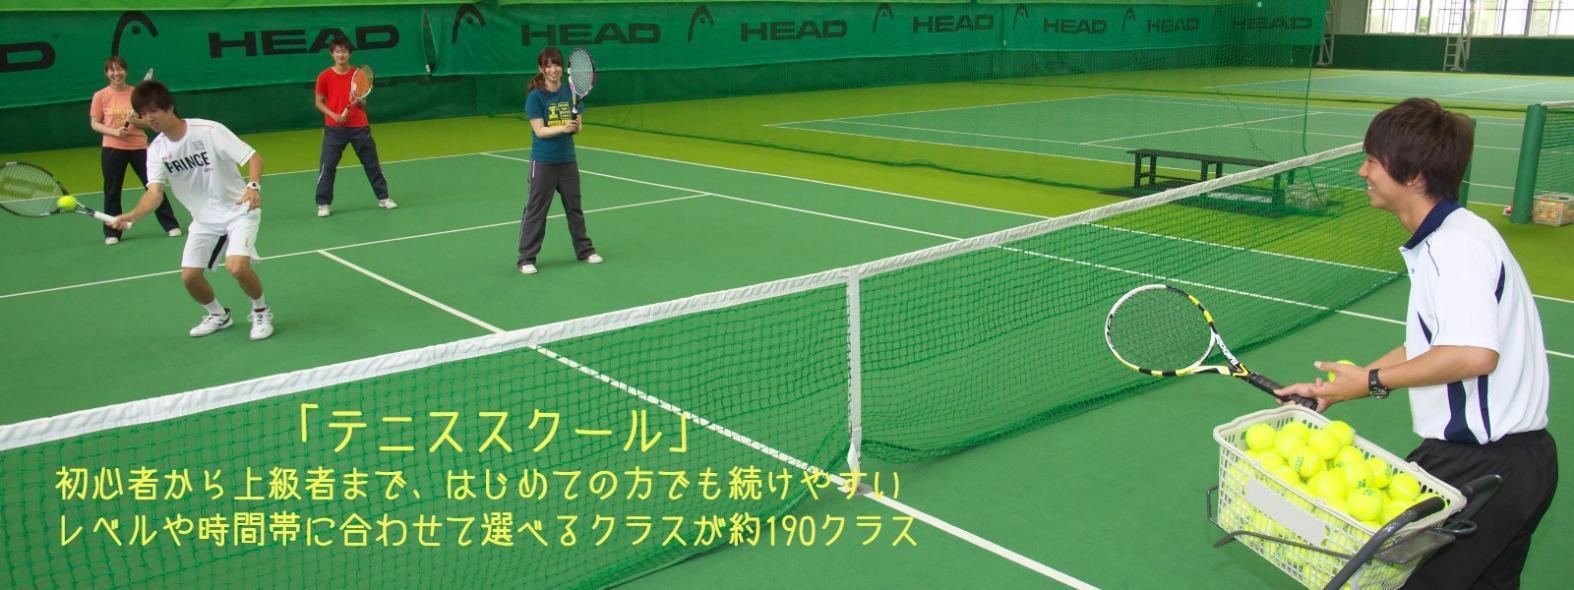 インドアテニス 昭和の森テニススクール(東京都昭島市・JR青梅線「昭島駅」より徒歩5分・立川駅より4駅9分)